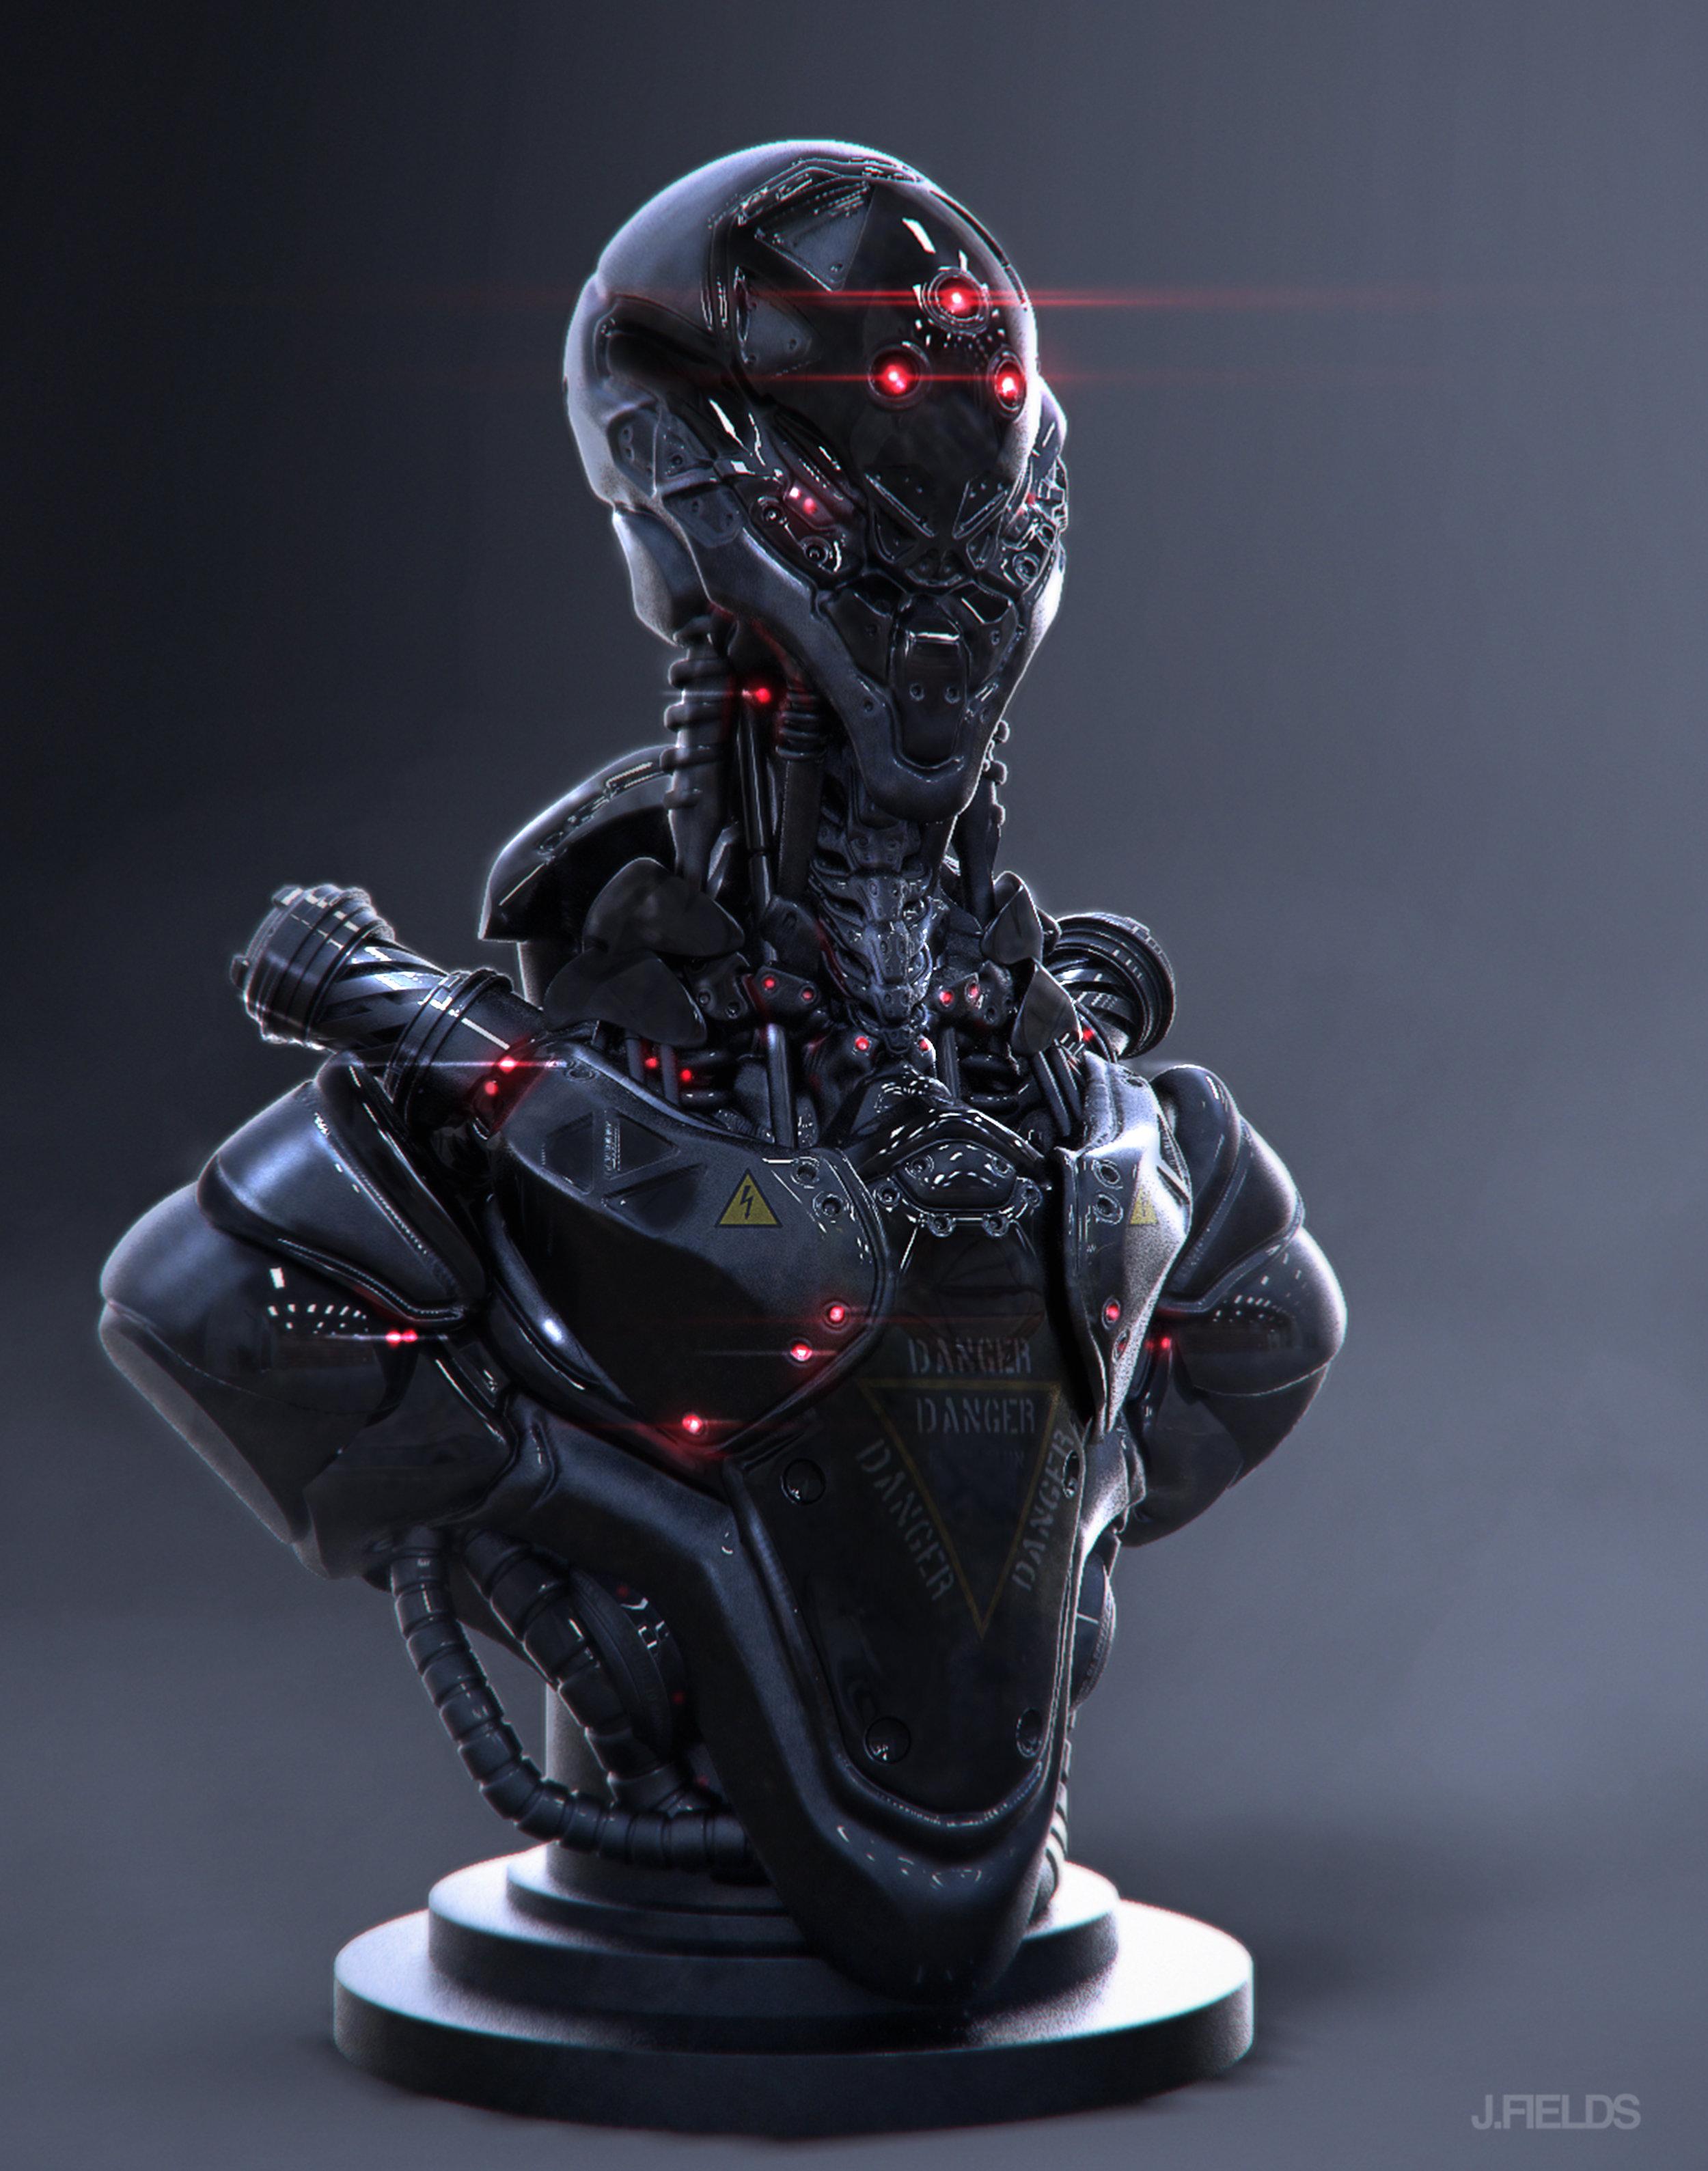 botbustrobot.jpg